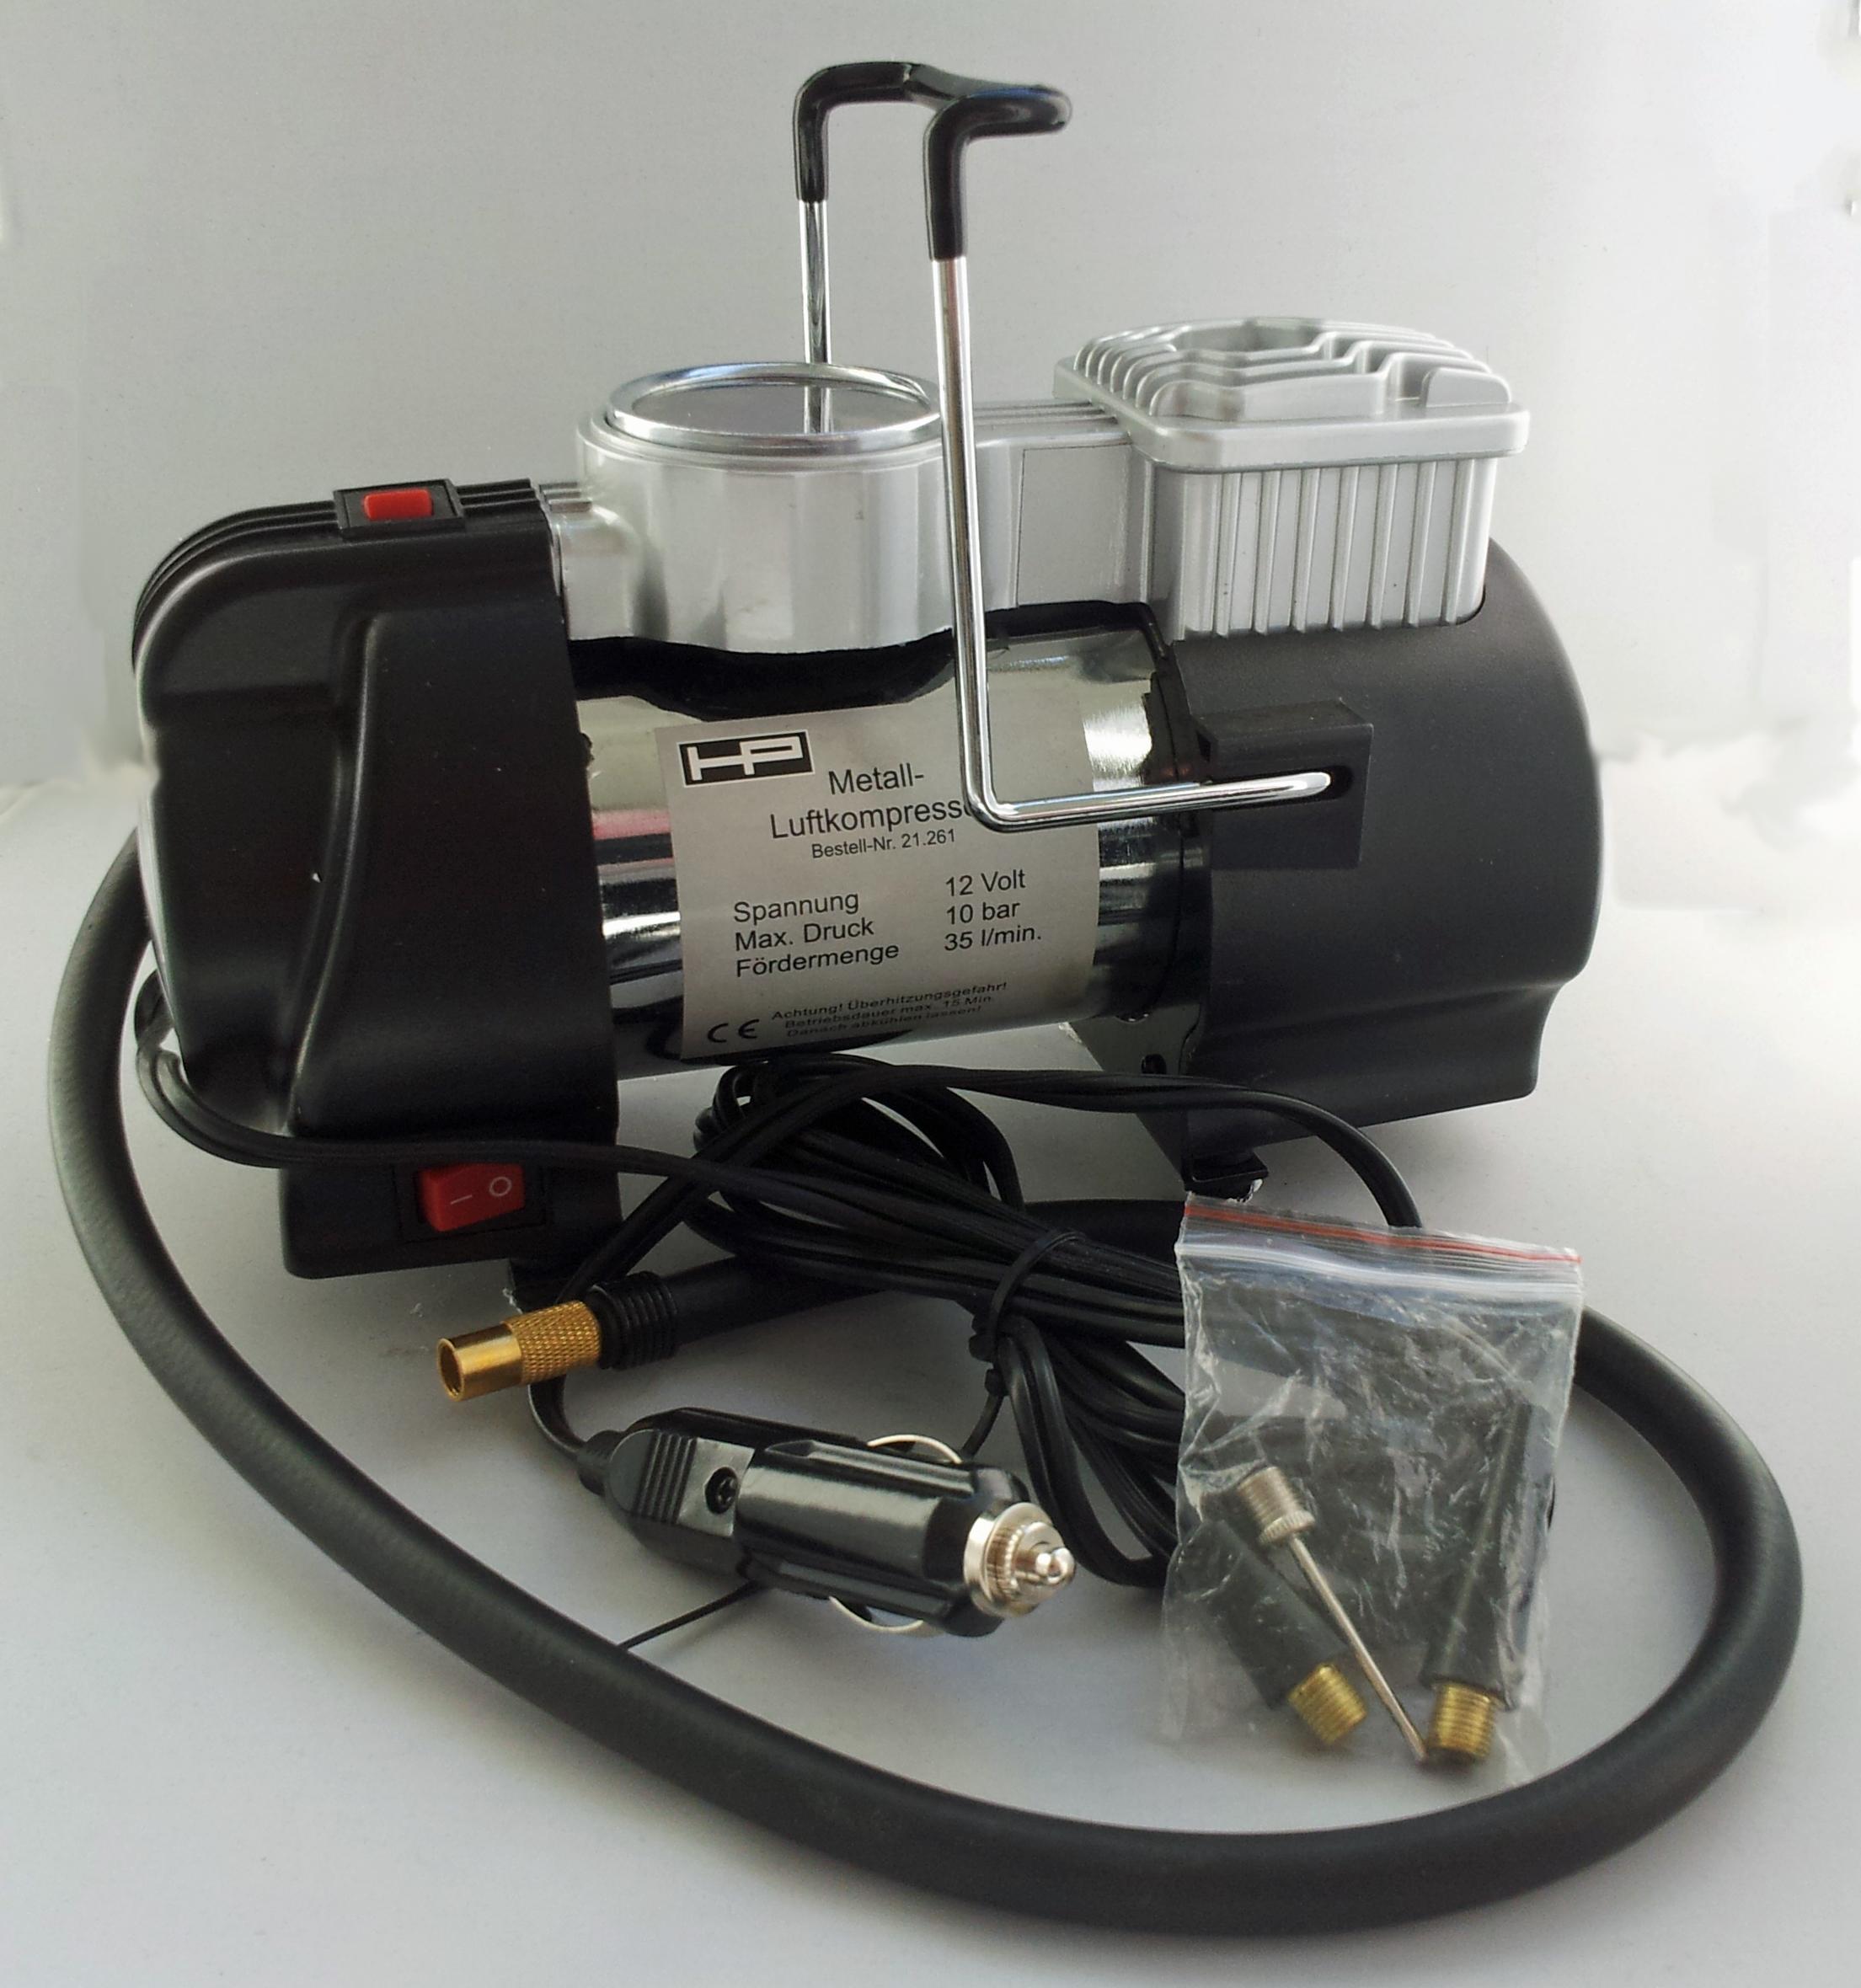 metall luftkompressor mit led 12v 10 bar hp autozubeh r 21261. Black Bedroom Furniture Sets. Home Design Ideas